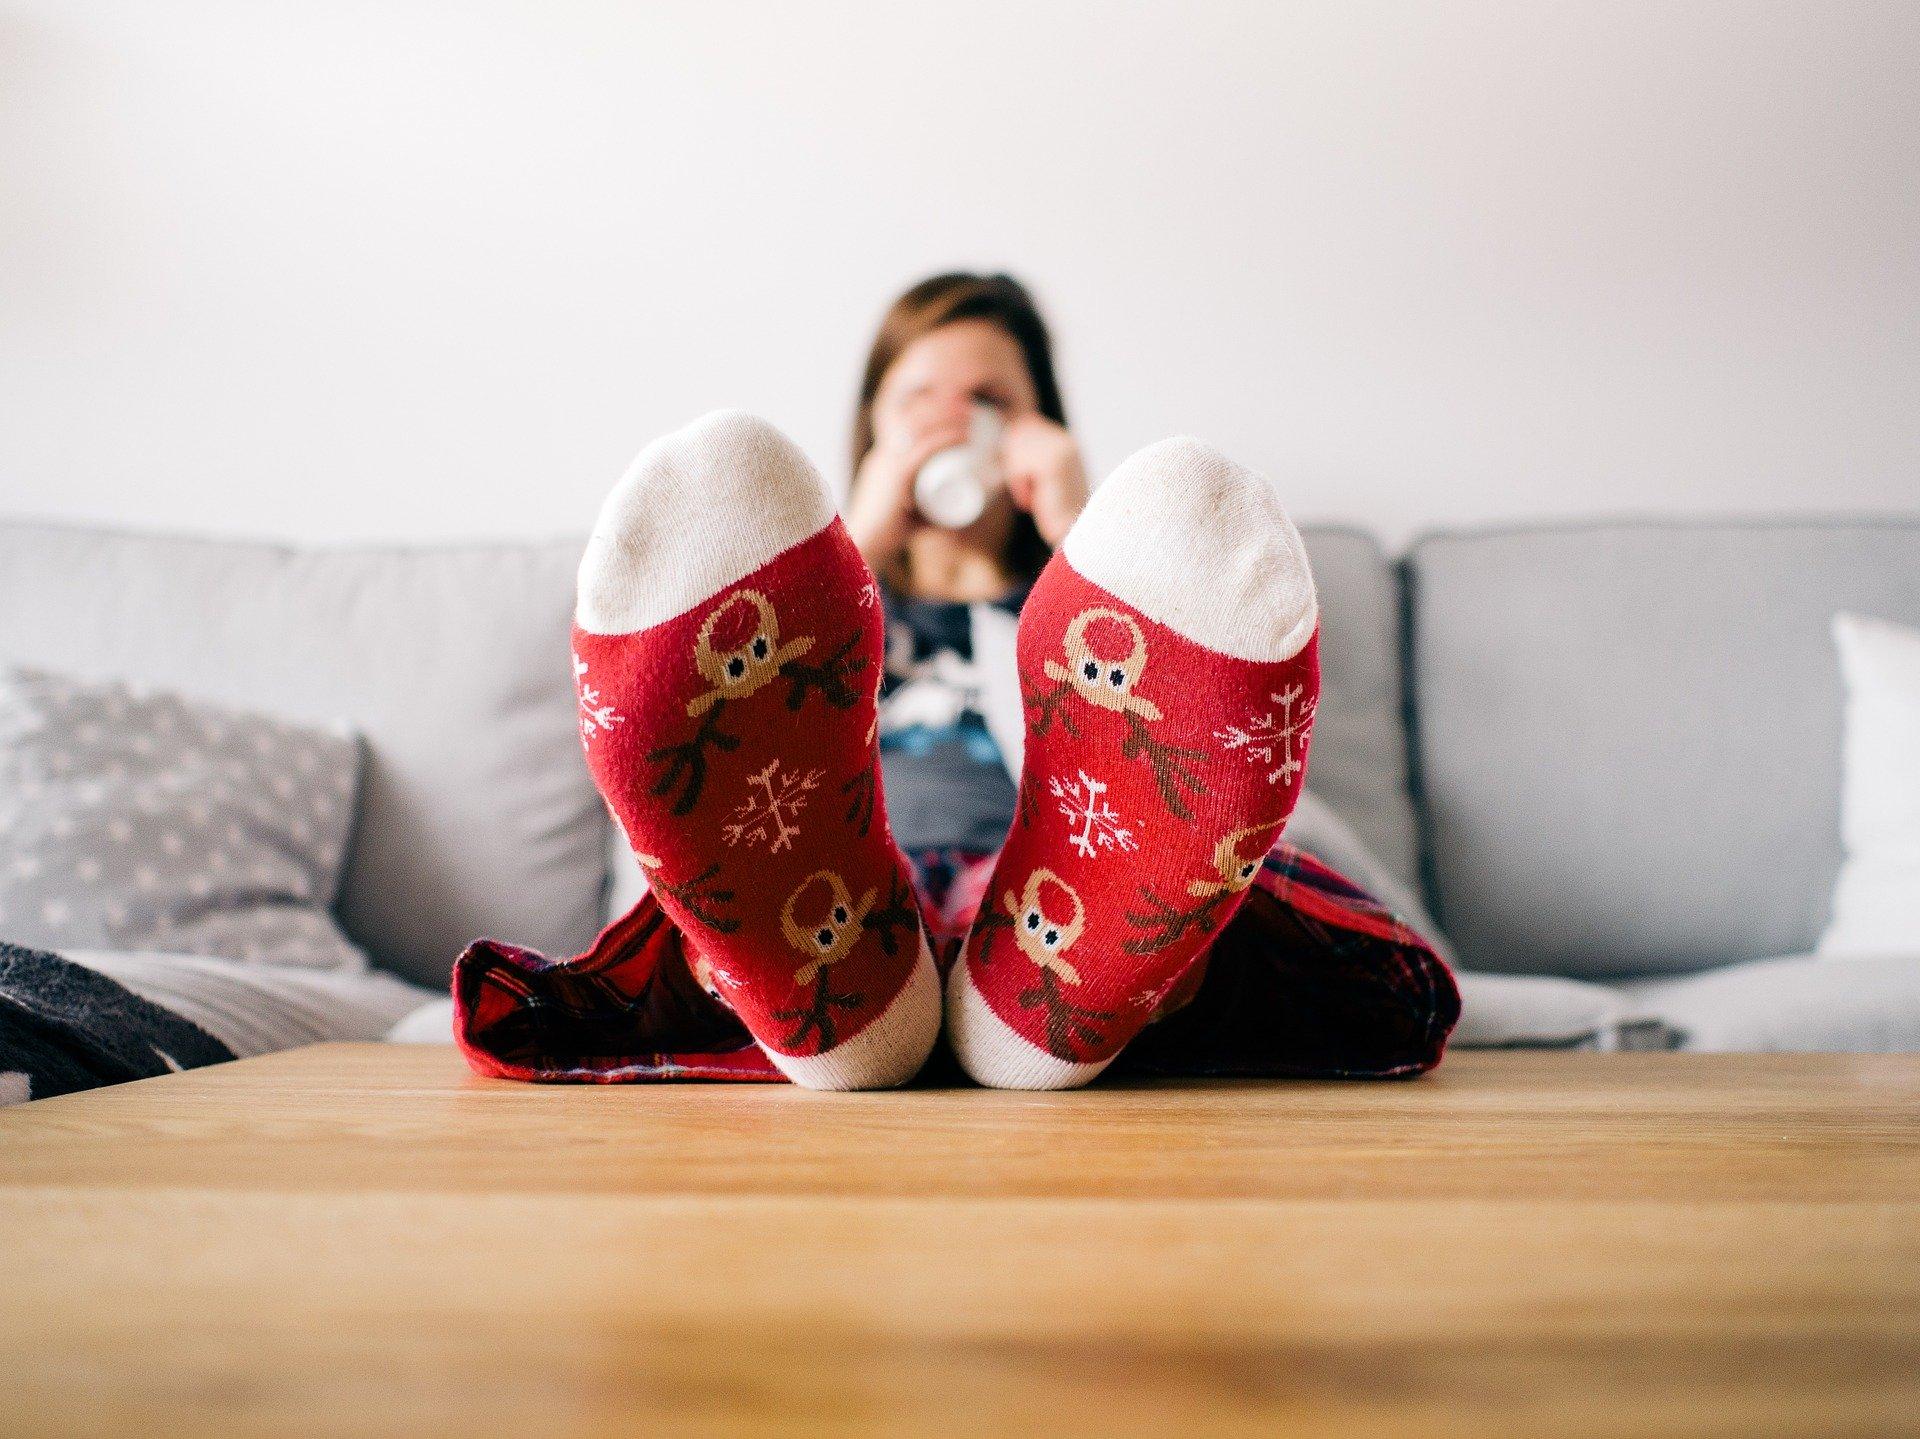 Por qué contratar un seguro médico en Navidad